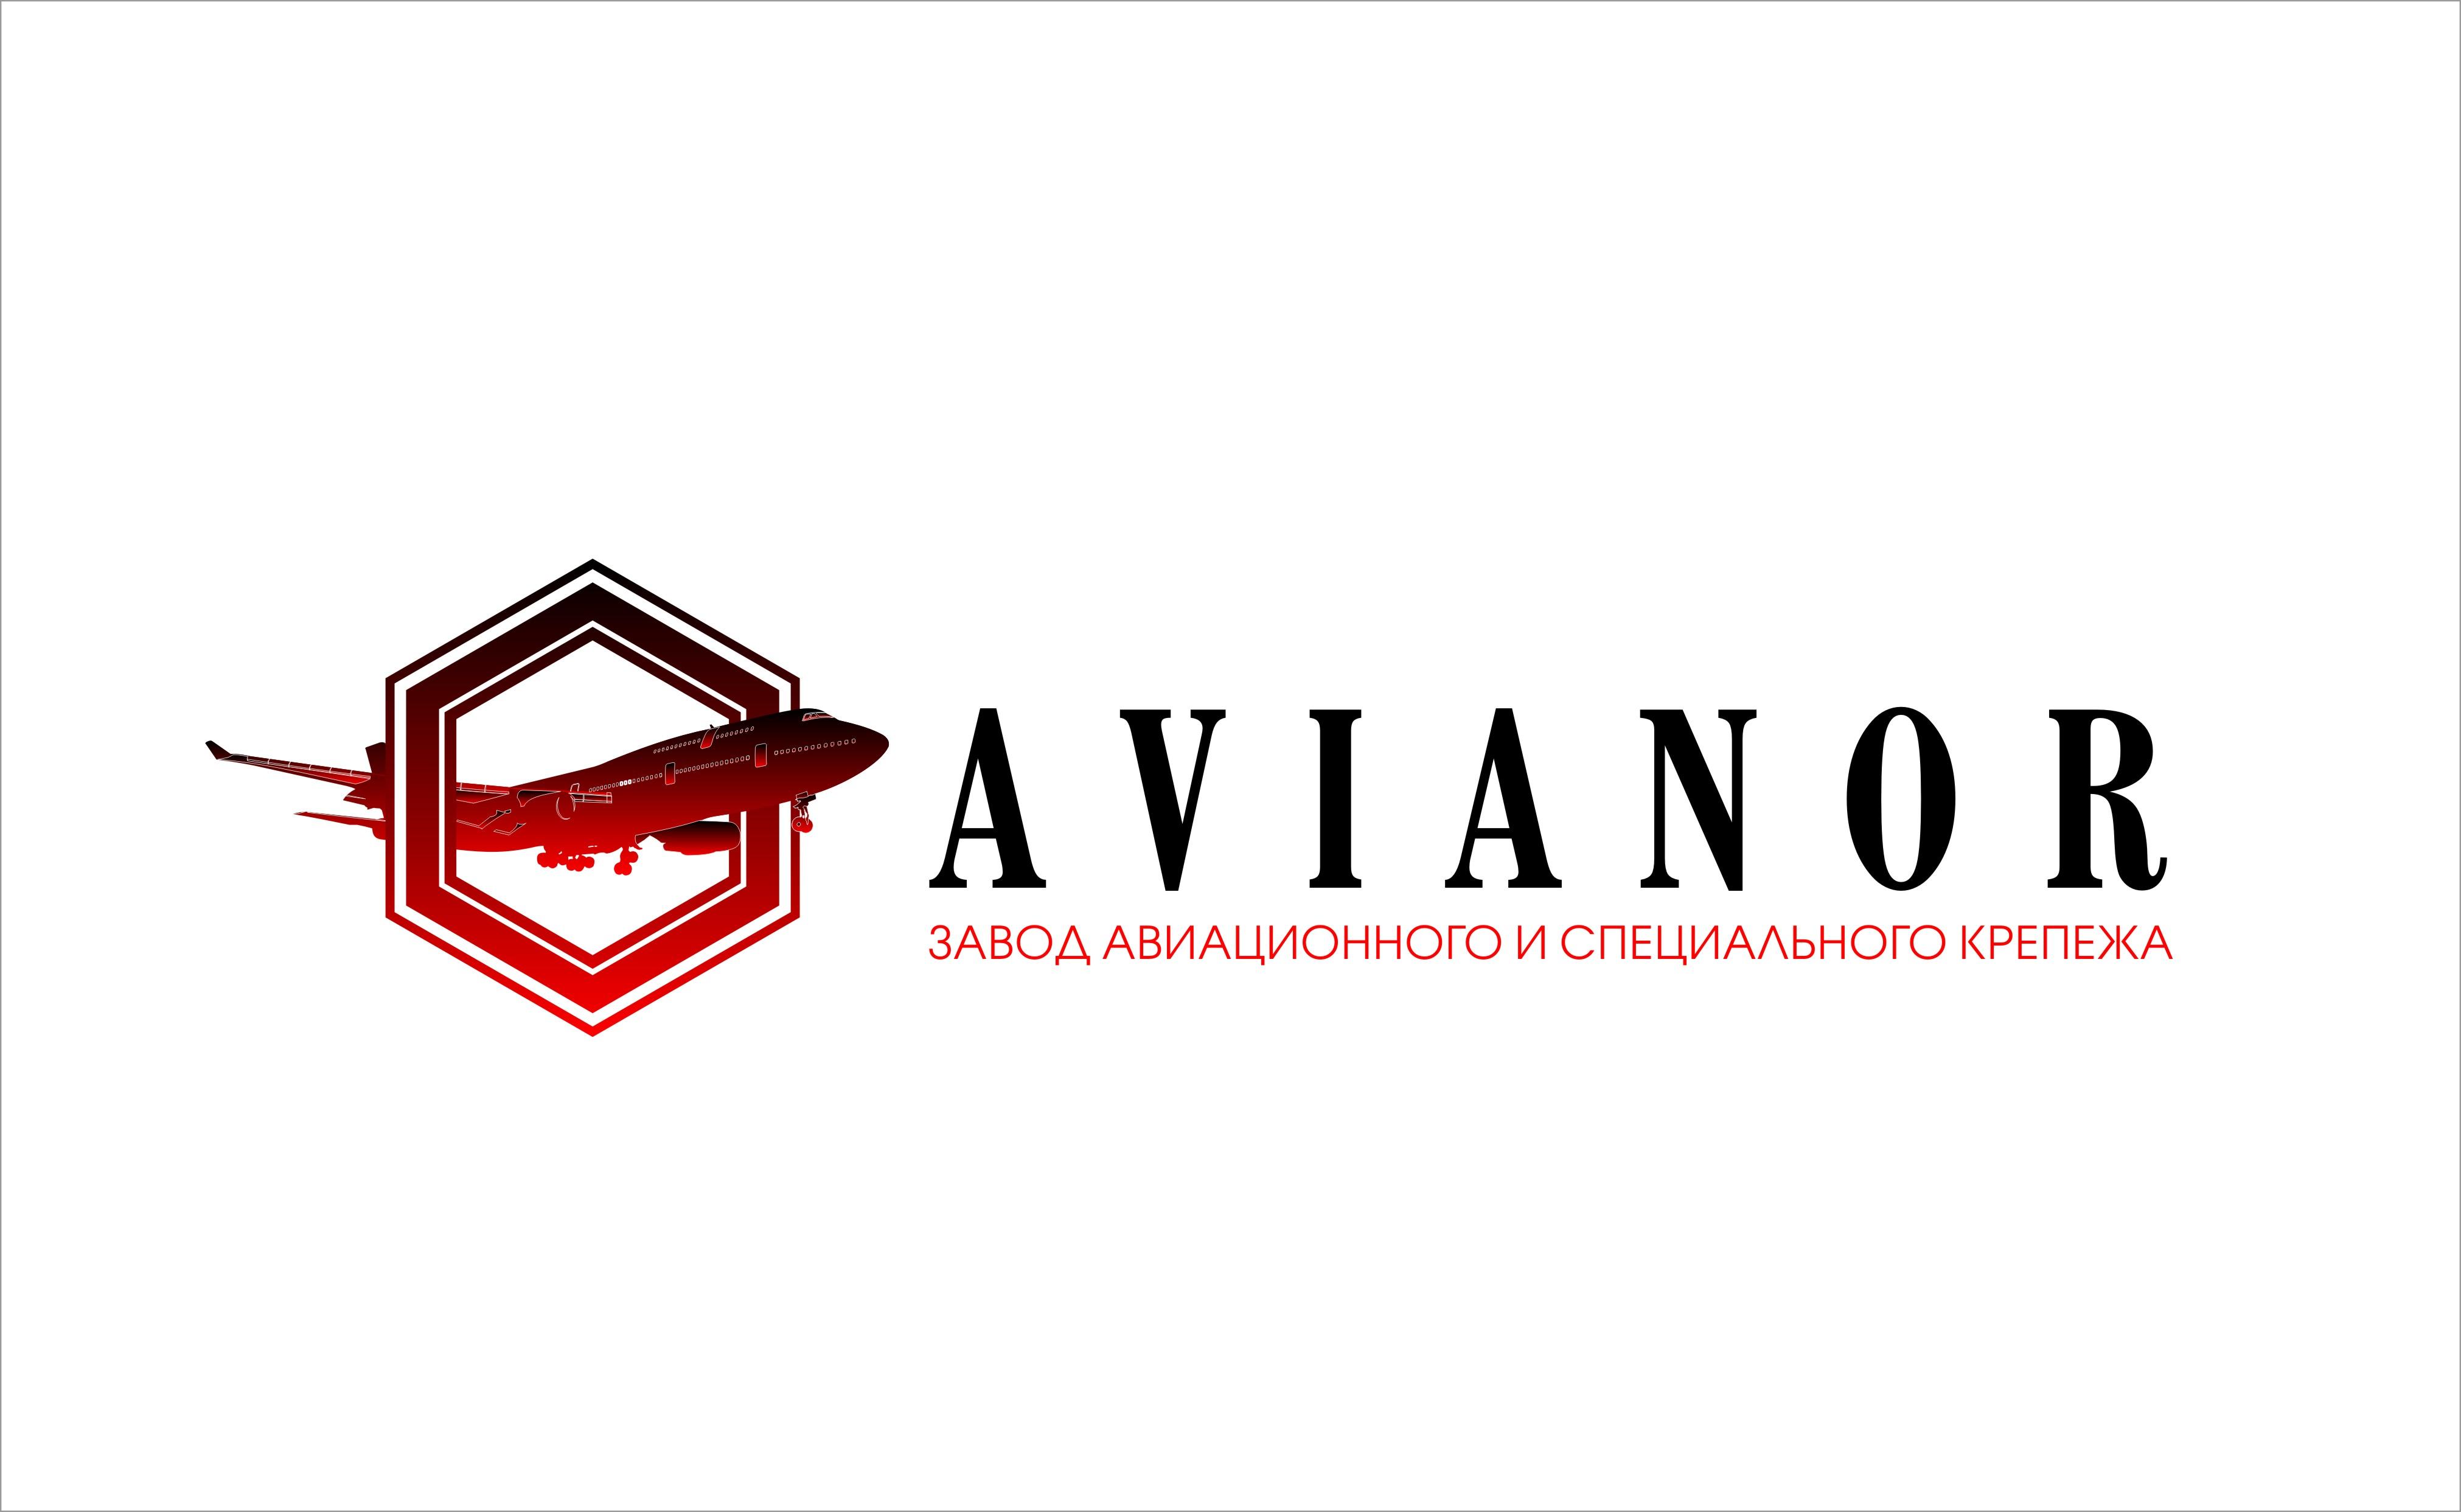 Нужен логотип и фирменный стиль для завода фото f_309529881cf3519a.jpg